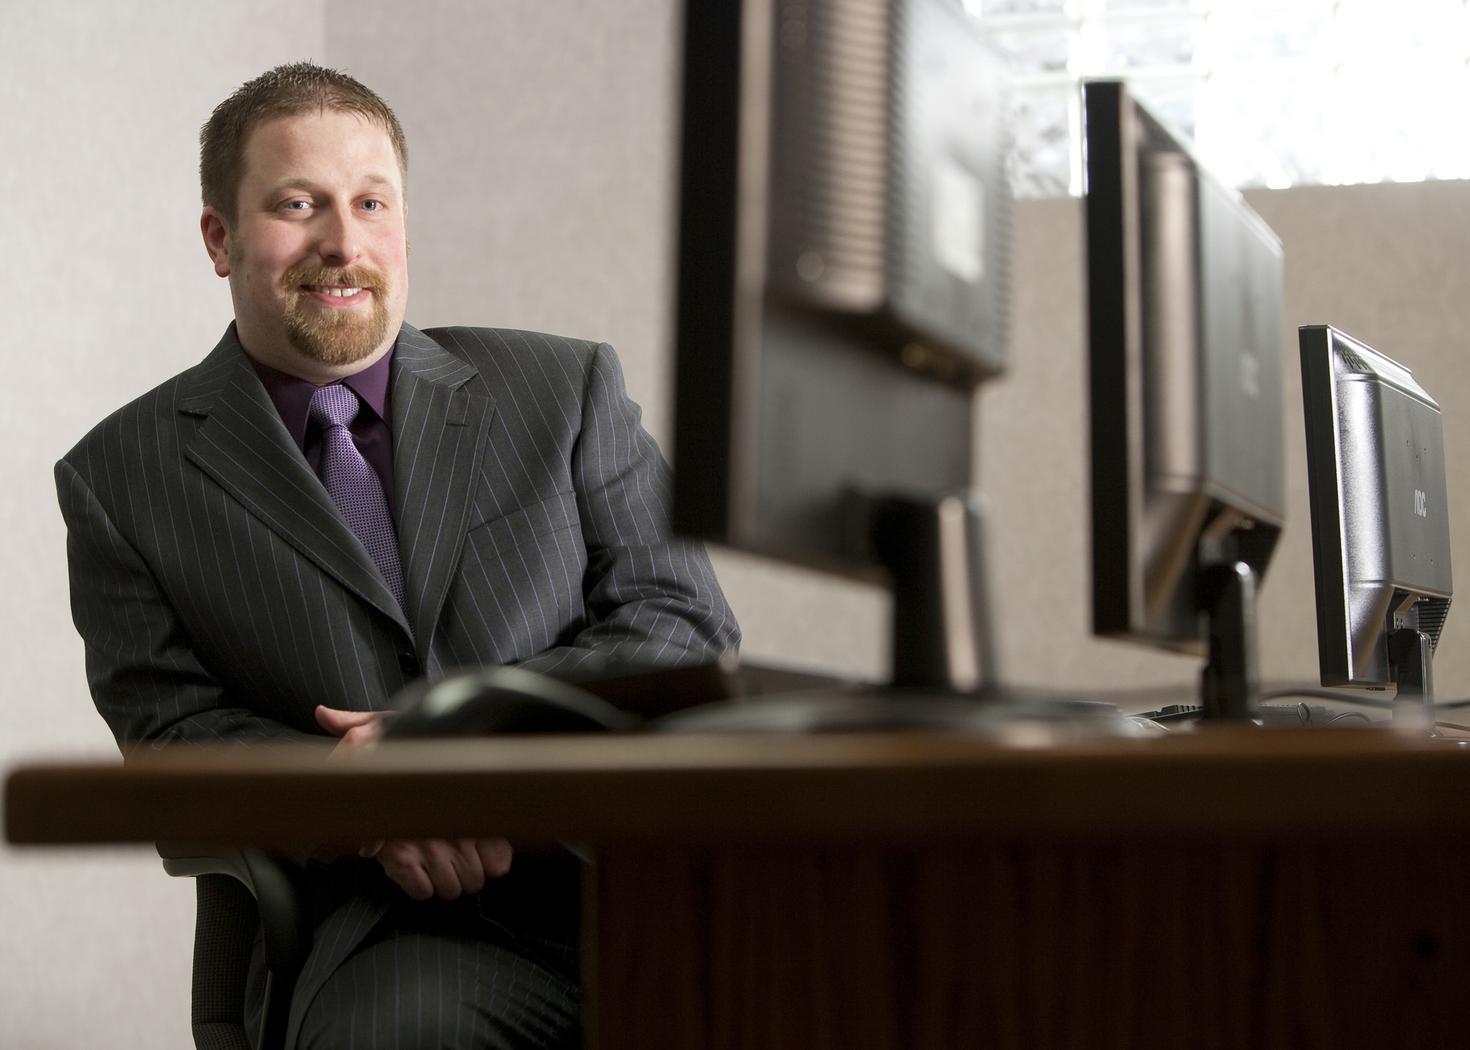 Jeremy Neuharth